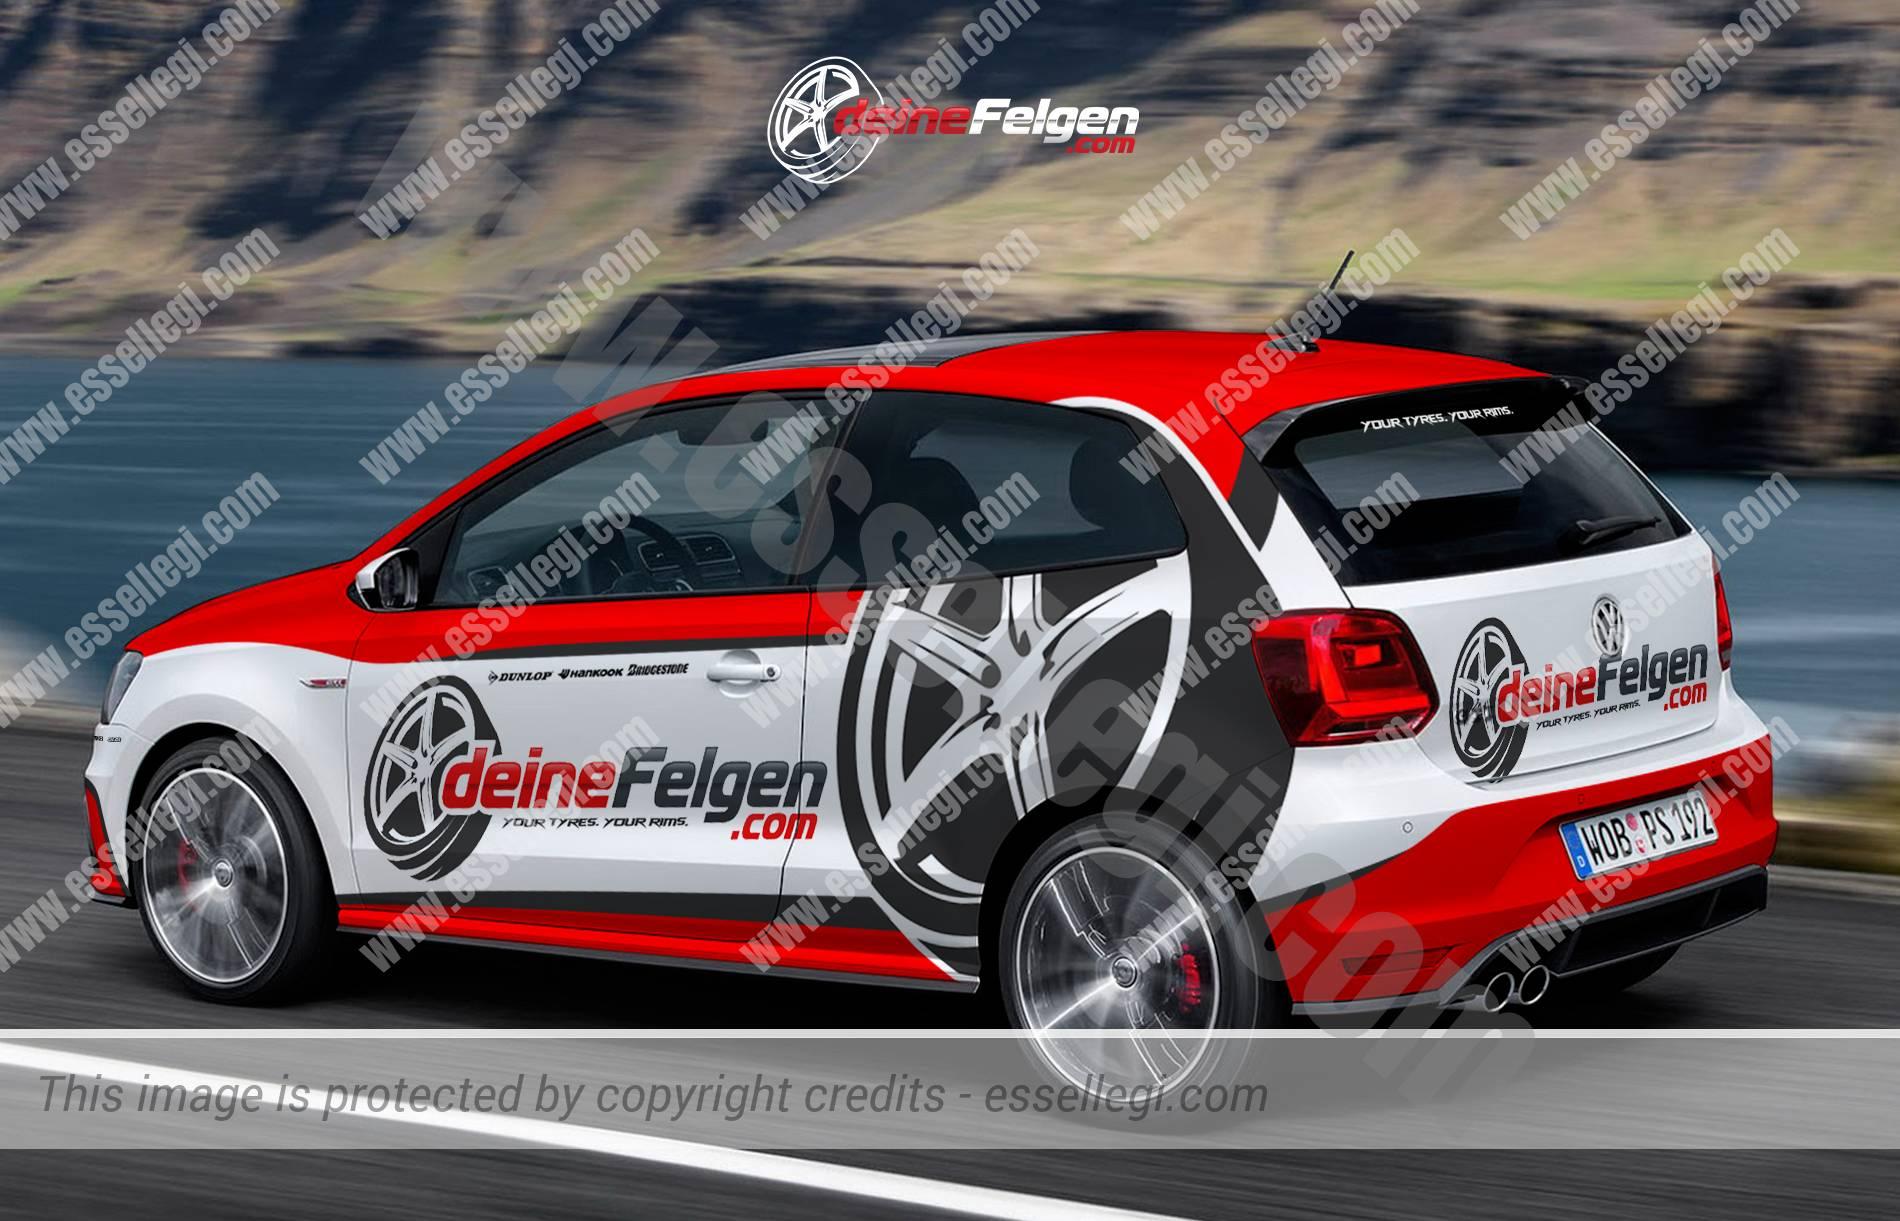 Design car wrap - Deinefelgen Volkswagen Polo Car Wrap Design